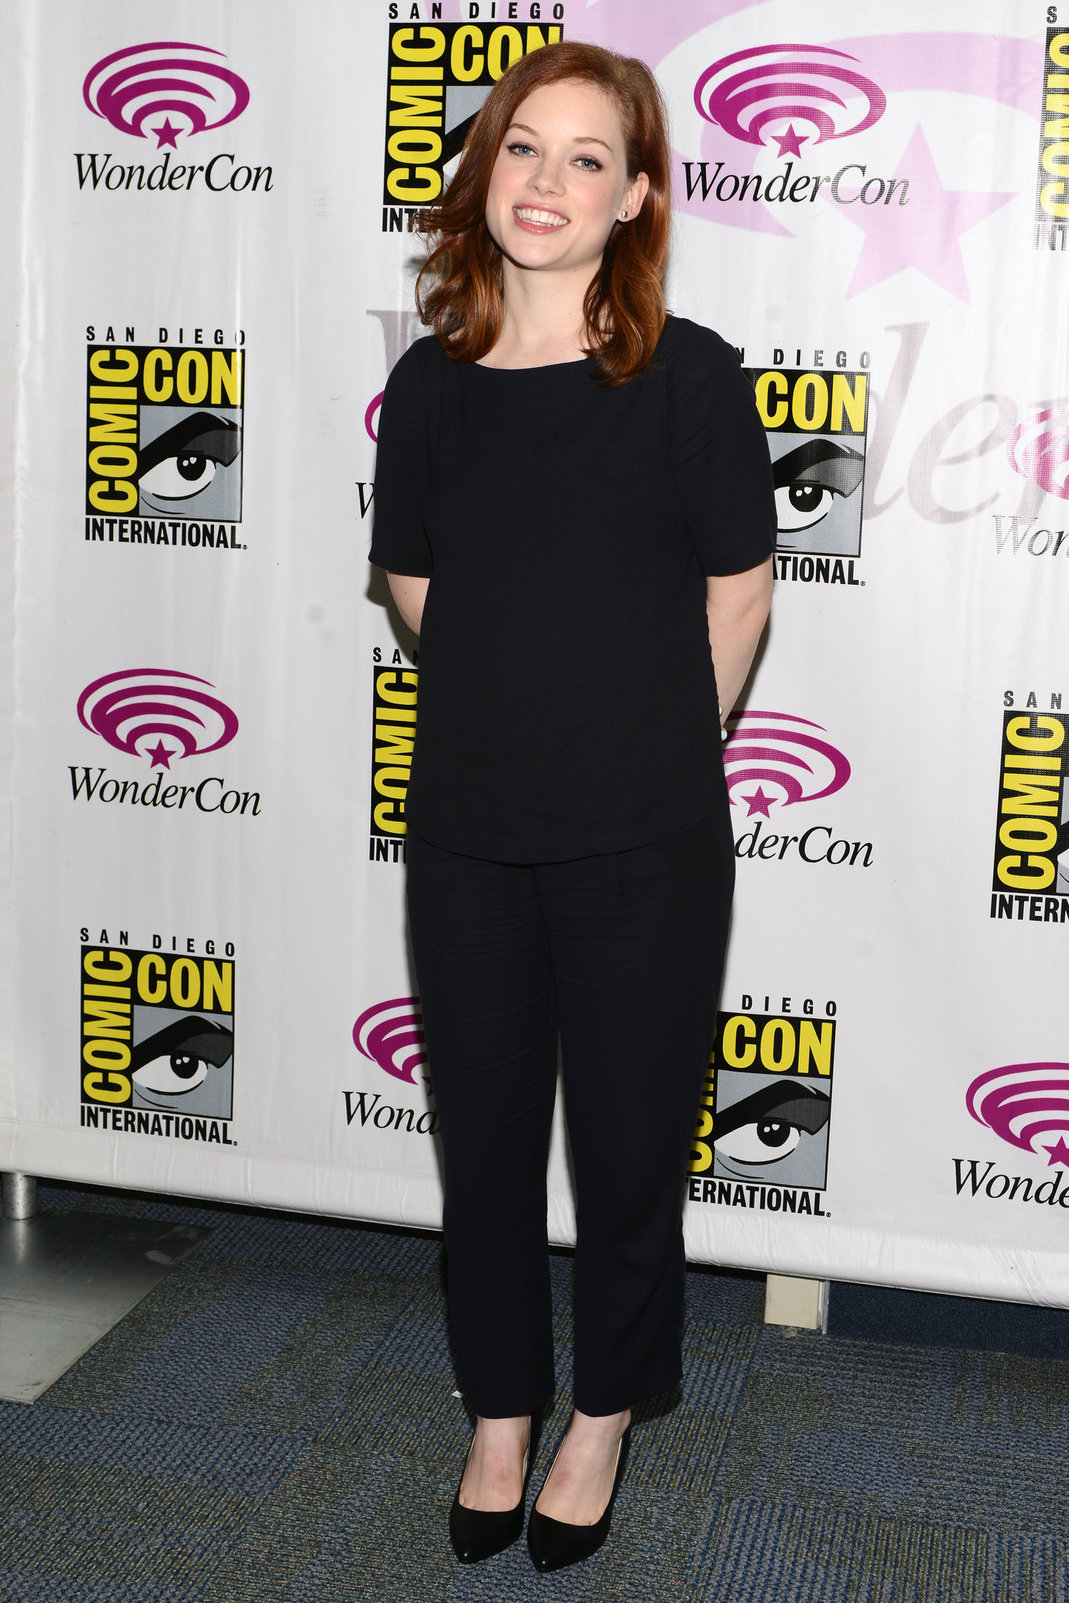 Jane Levy WonderCon Anaheim 2013 Day 2 on March 30, 2013